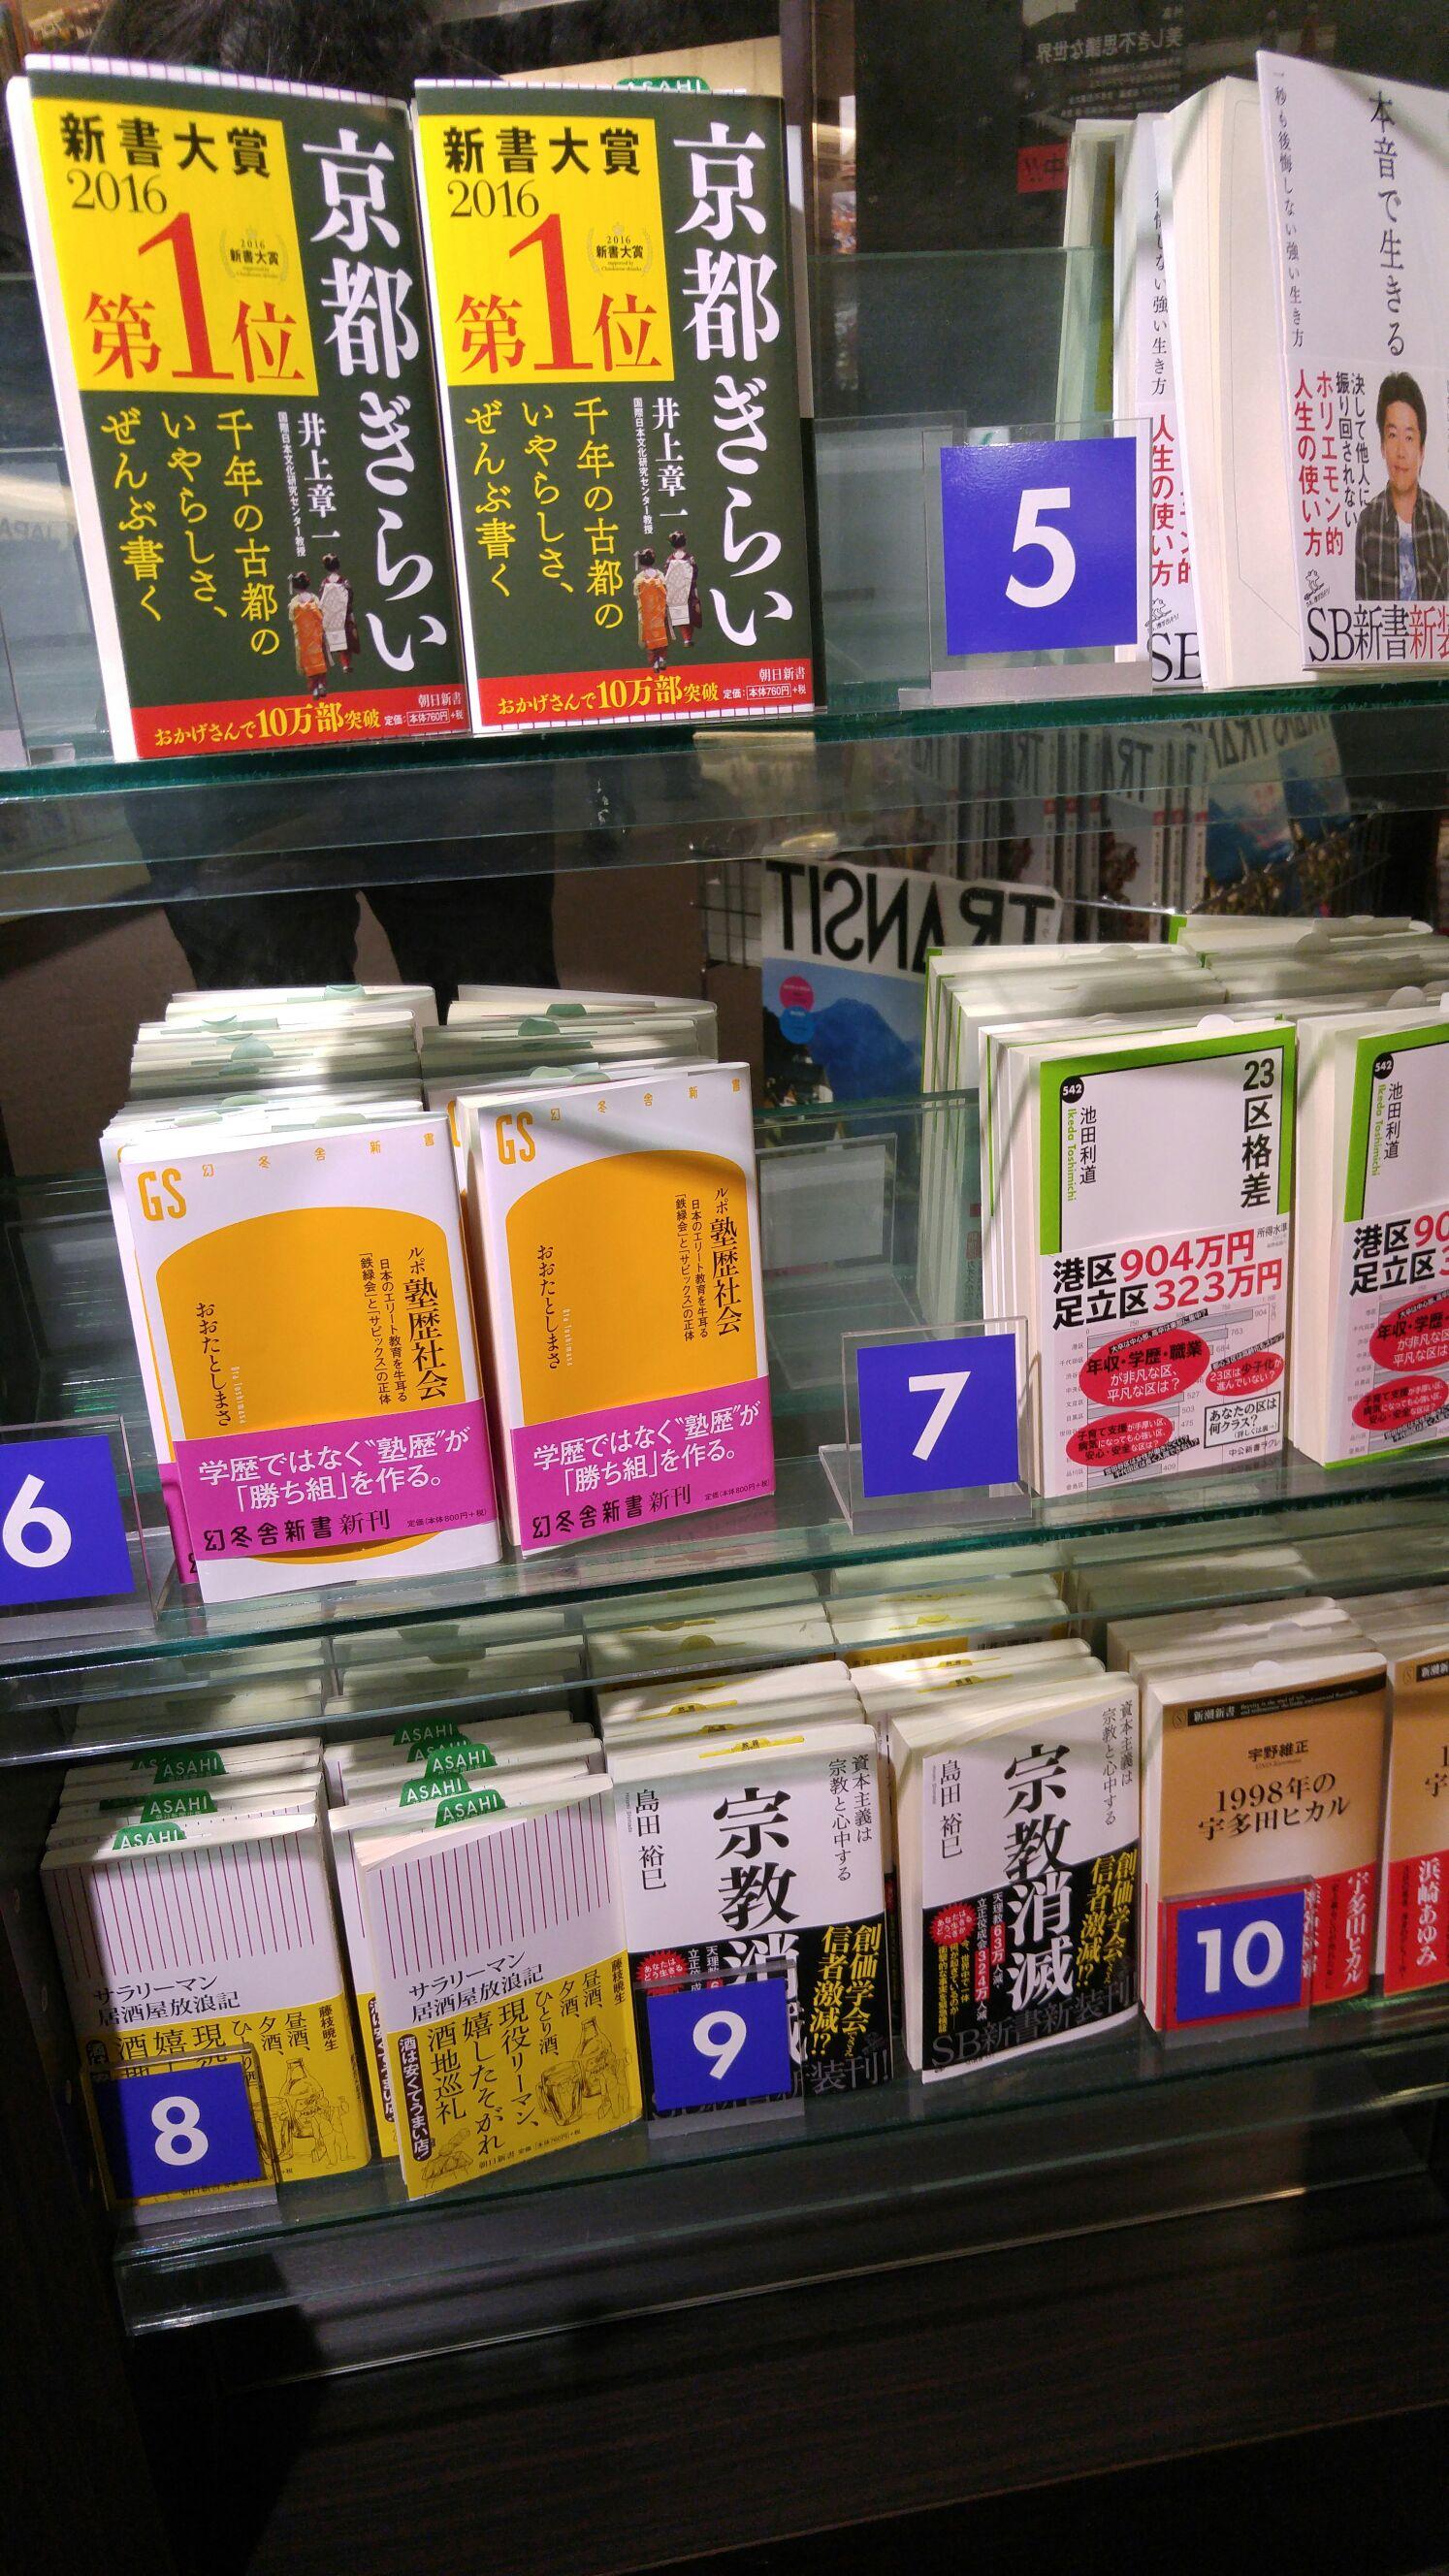 ブックファースト新宿店新書ランキング